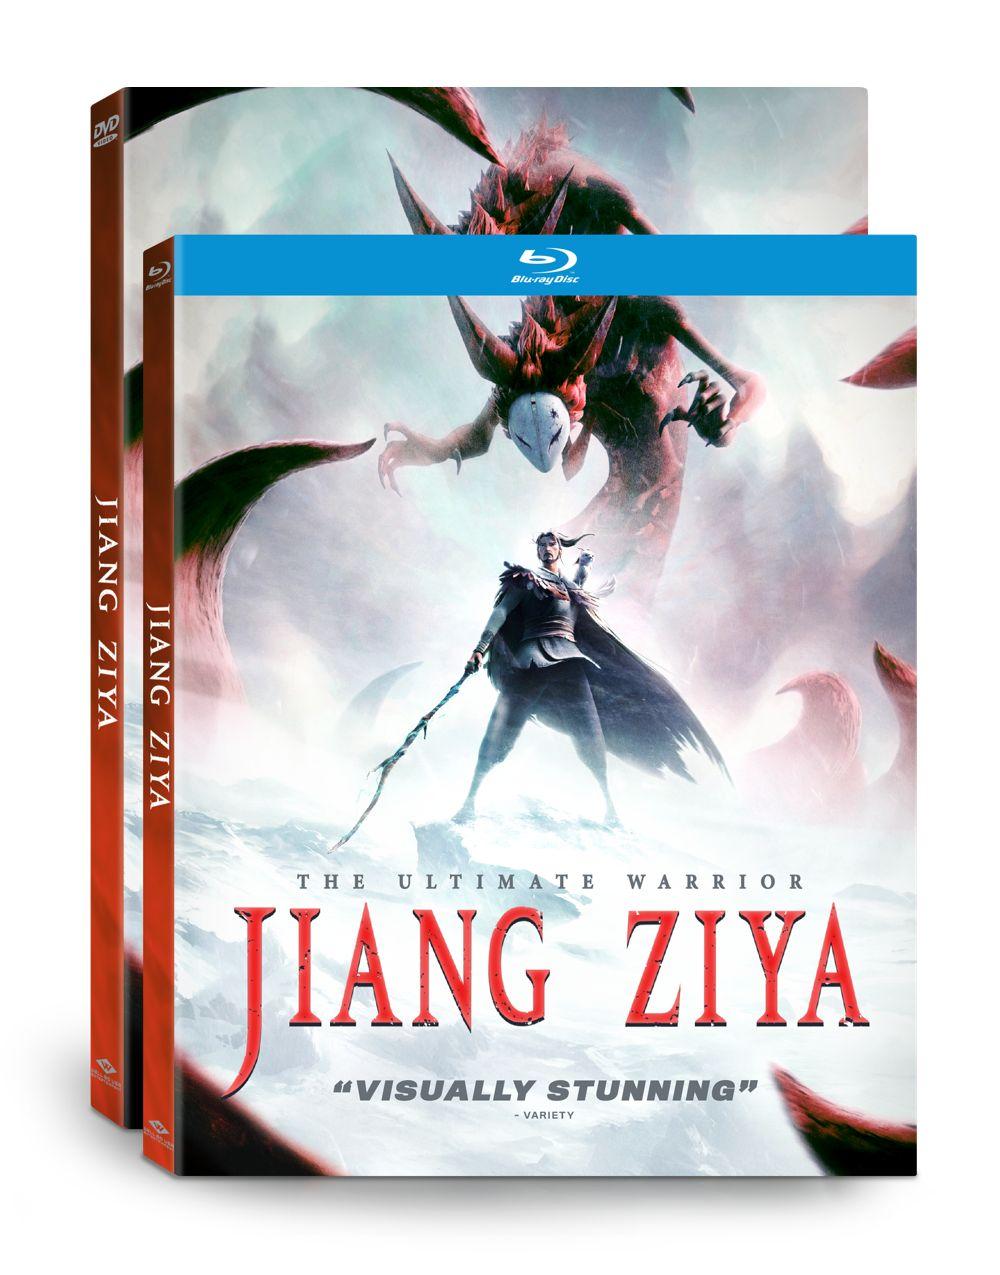 Jiang Ziya